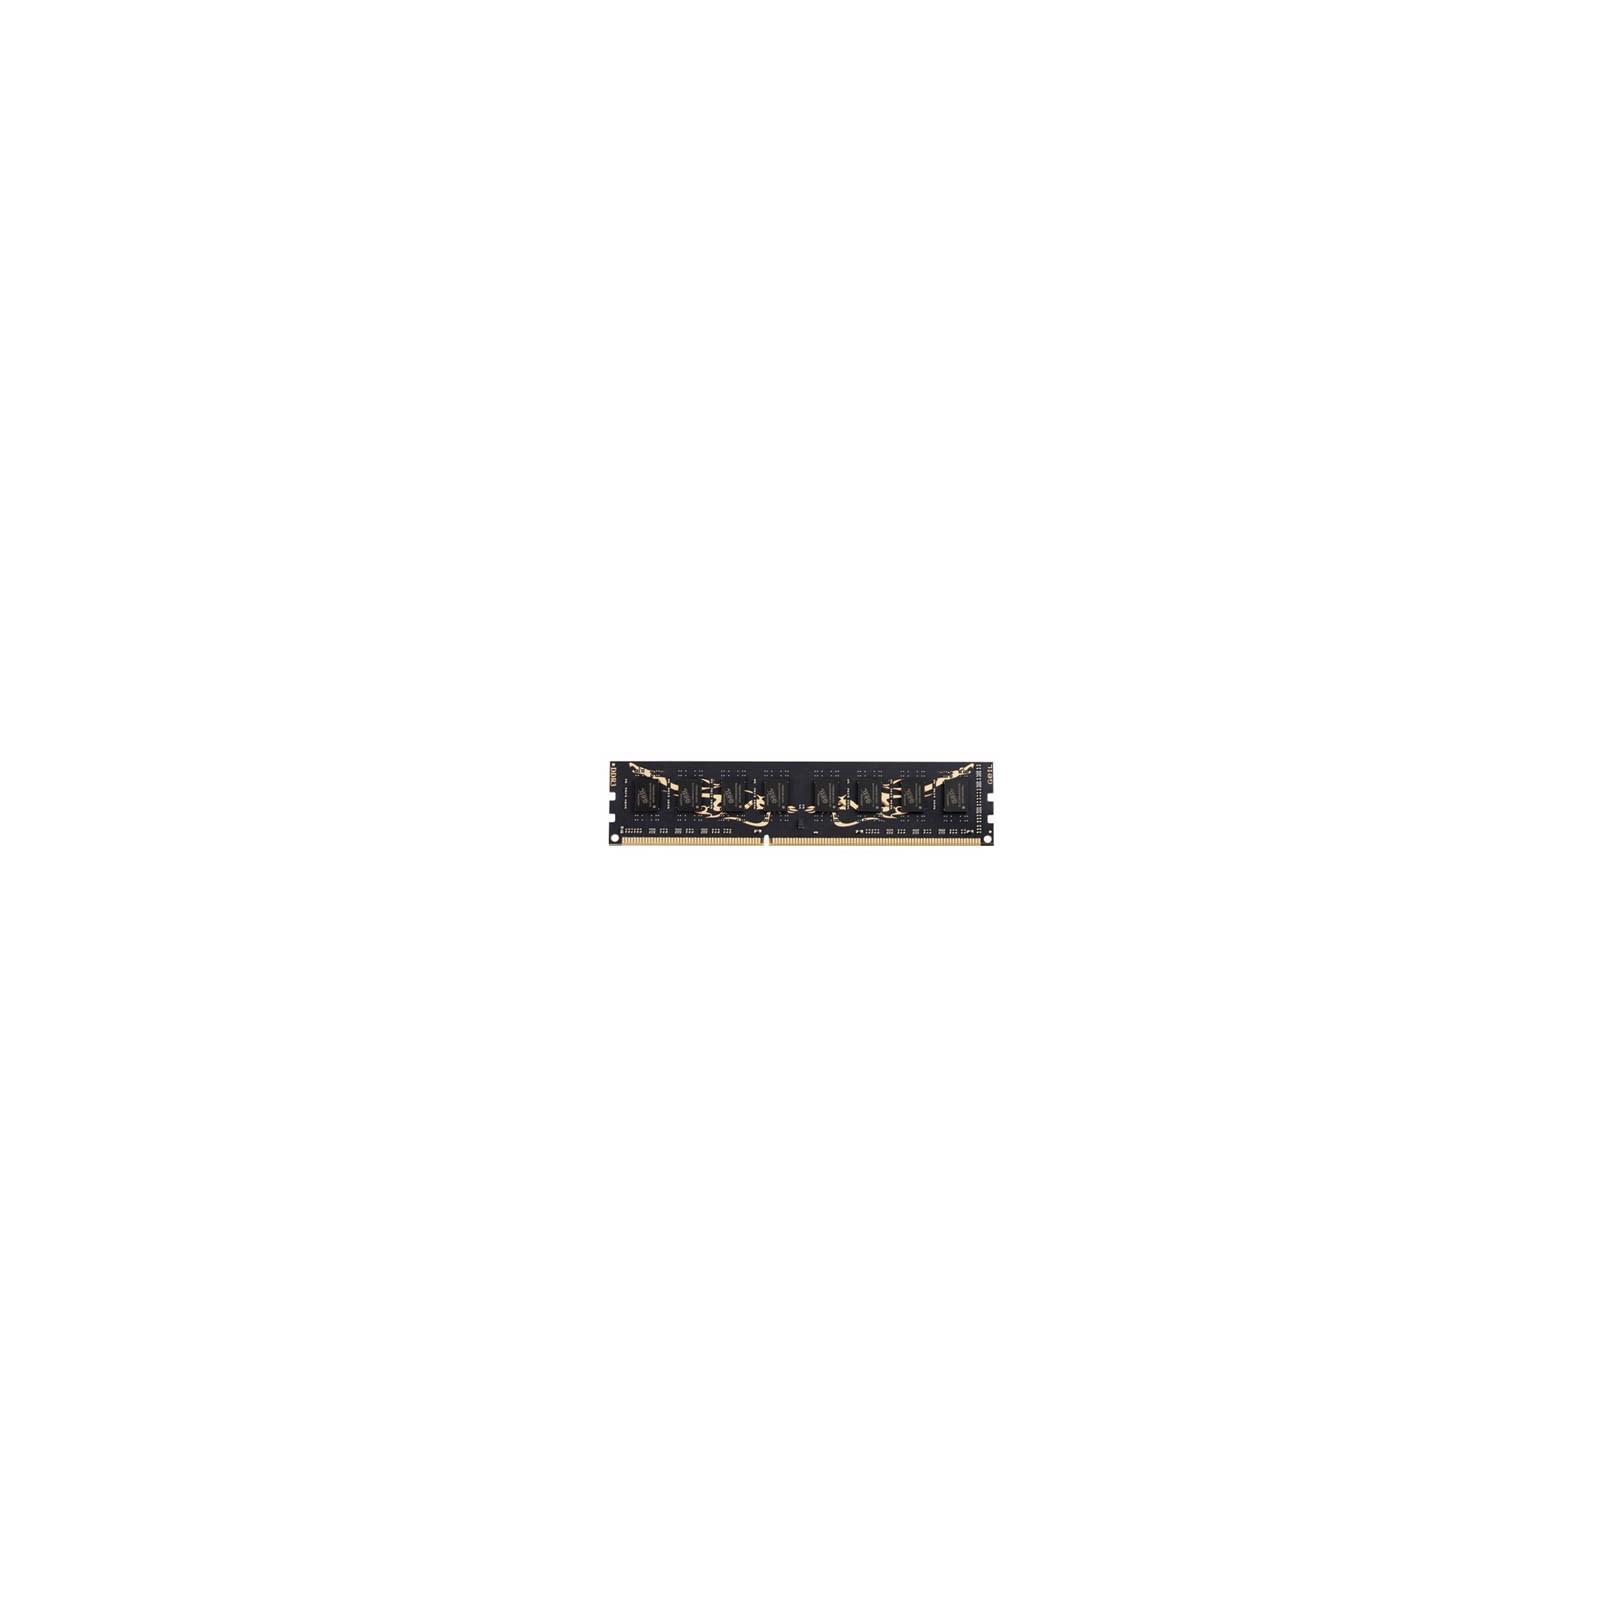 Модуль памяти для компьютера DDR3 4GB 1333 MHz GEIL (GD34GB1333C9SC)